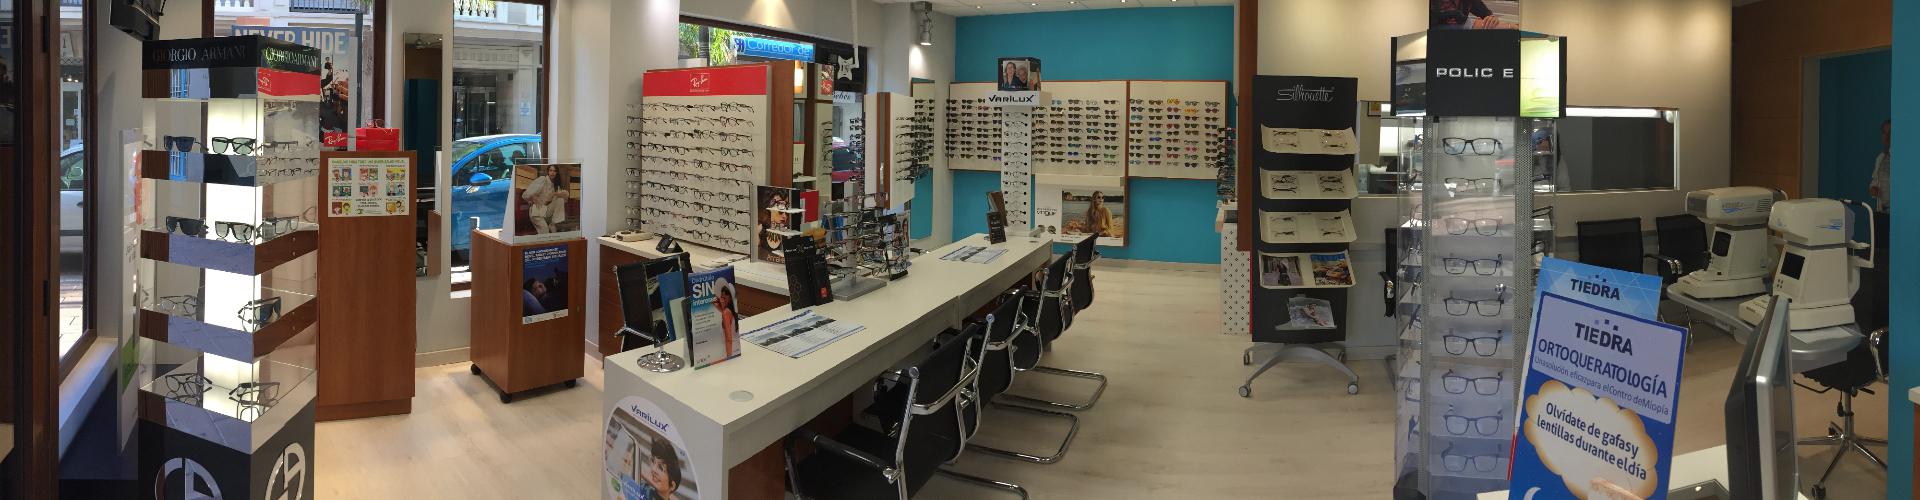 centro carlos en motril, opticas en motril, centros opticos en motril, opticas motril,